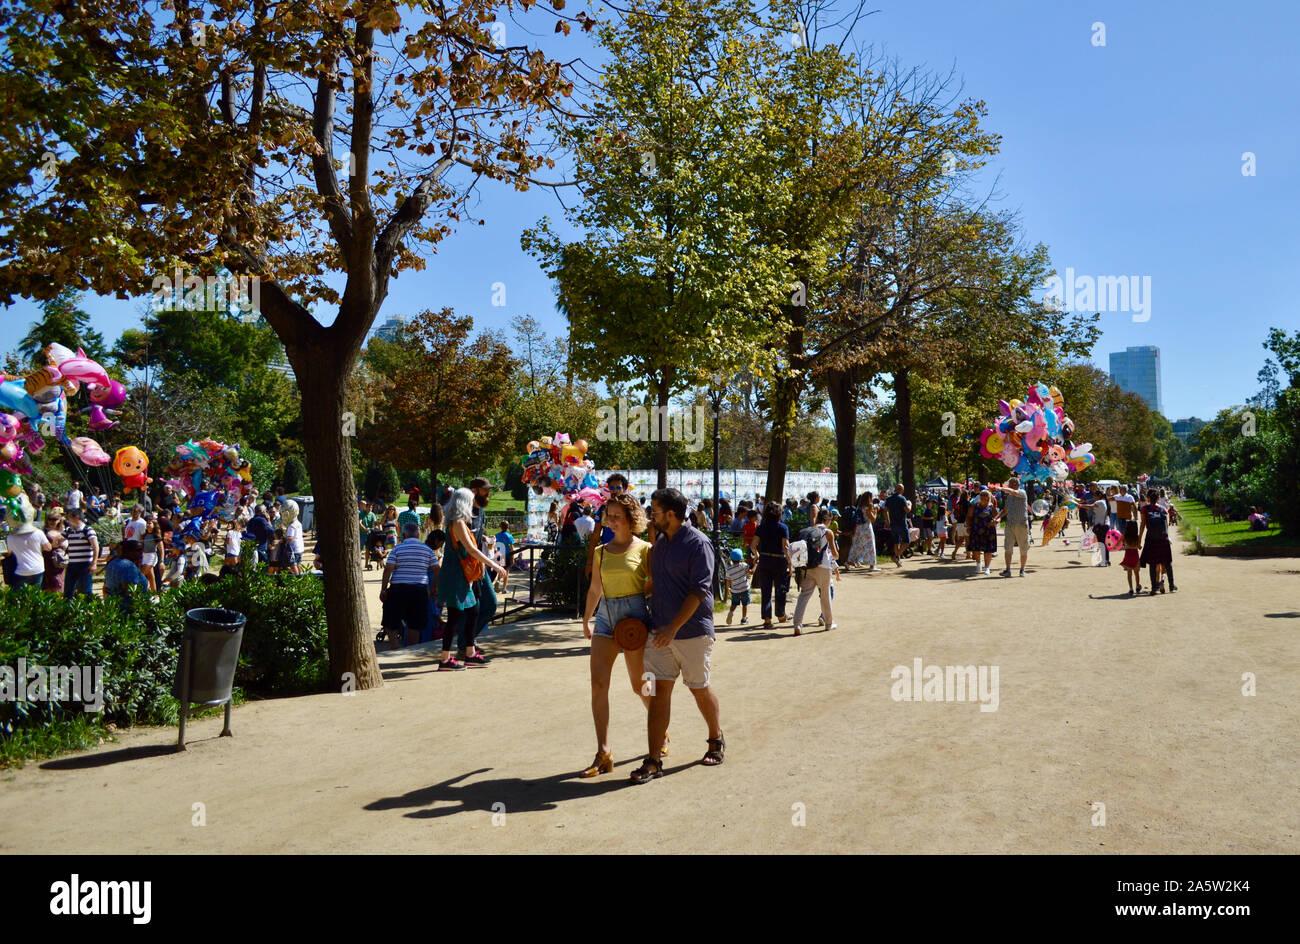 Les gens marcher dans le parc de la Citadelle au cours de la Merce 2019 à Barcelone, Espagne Banque D'Images